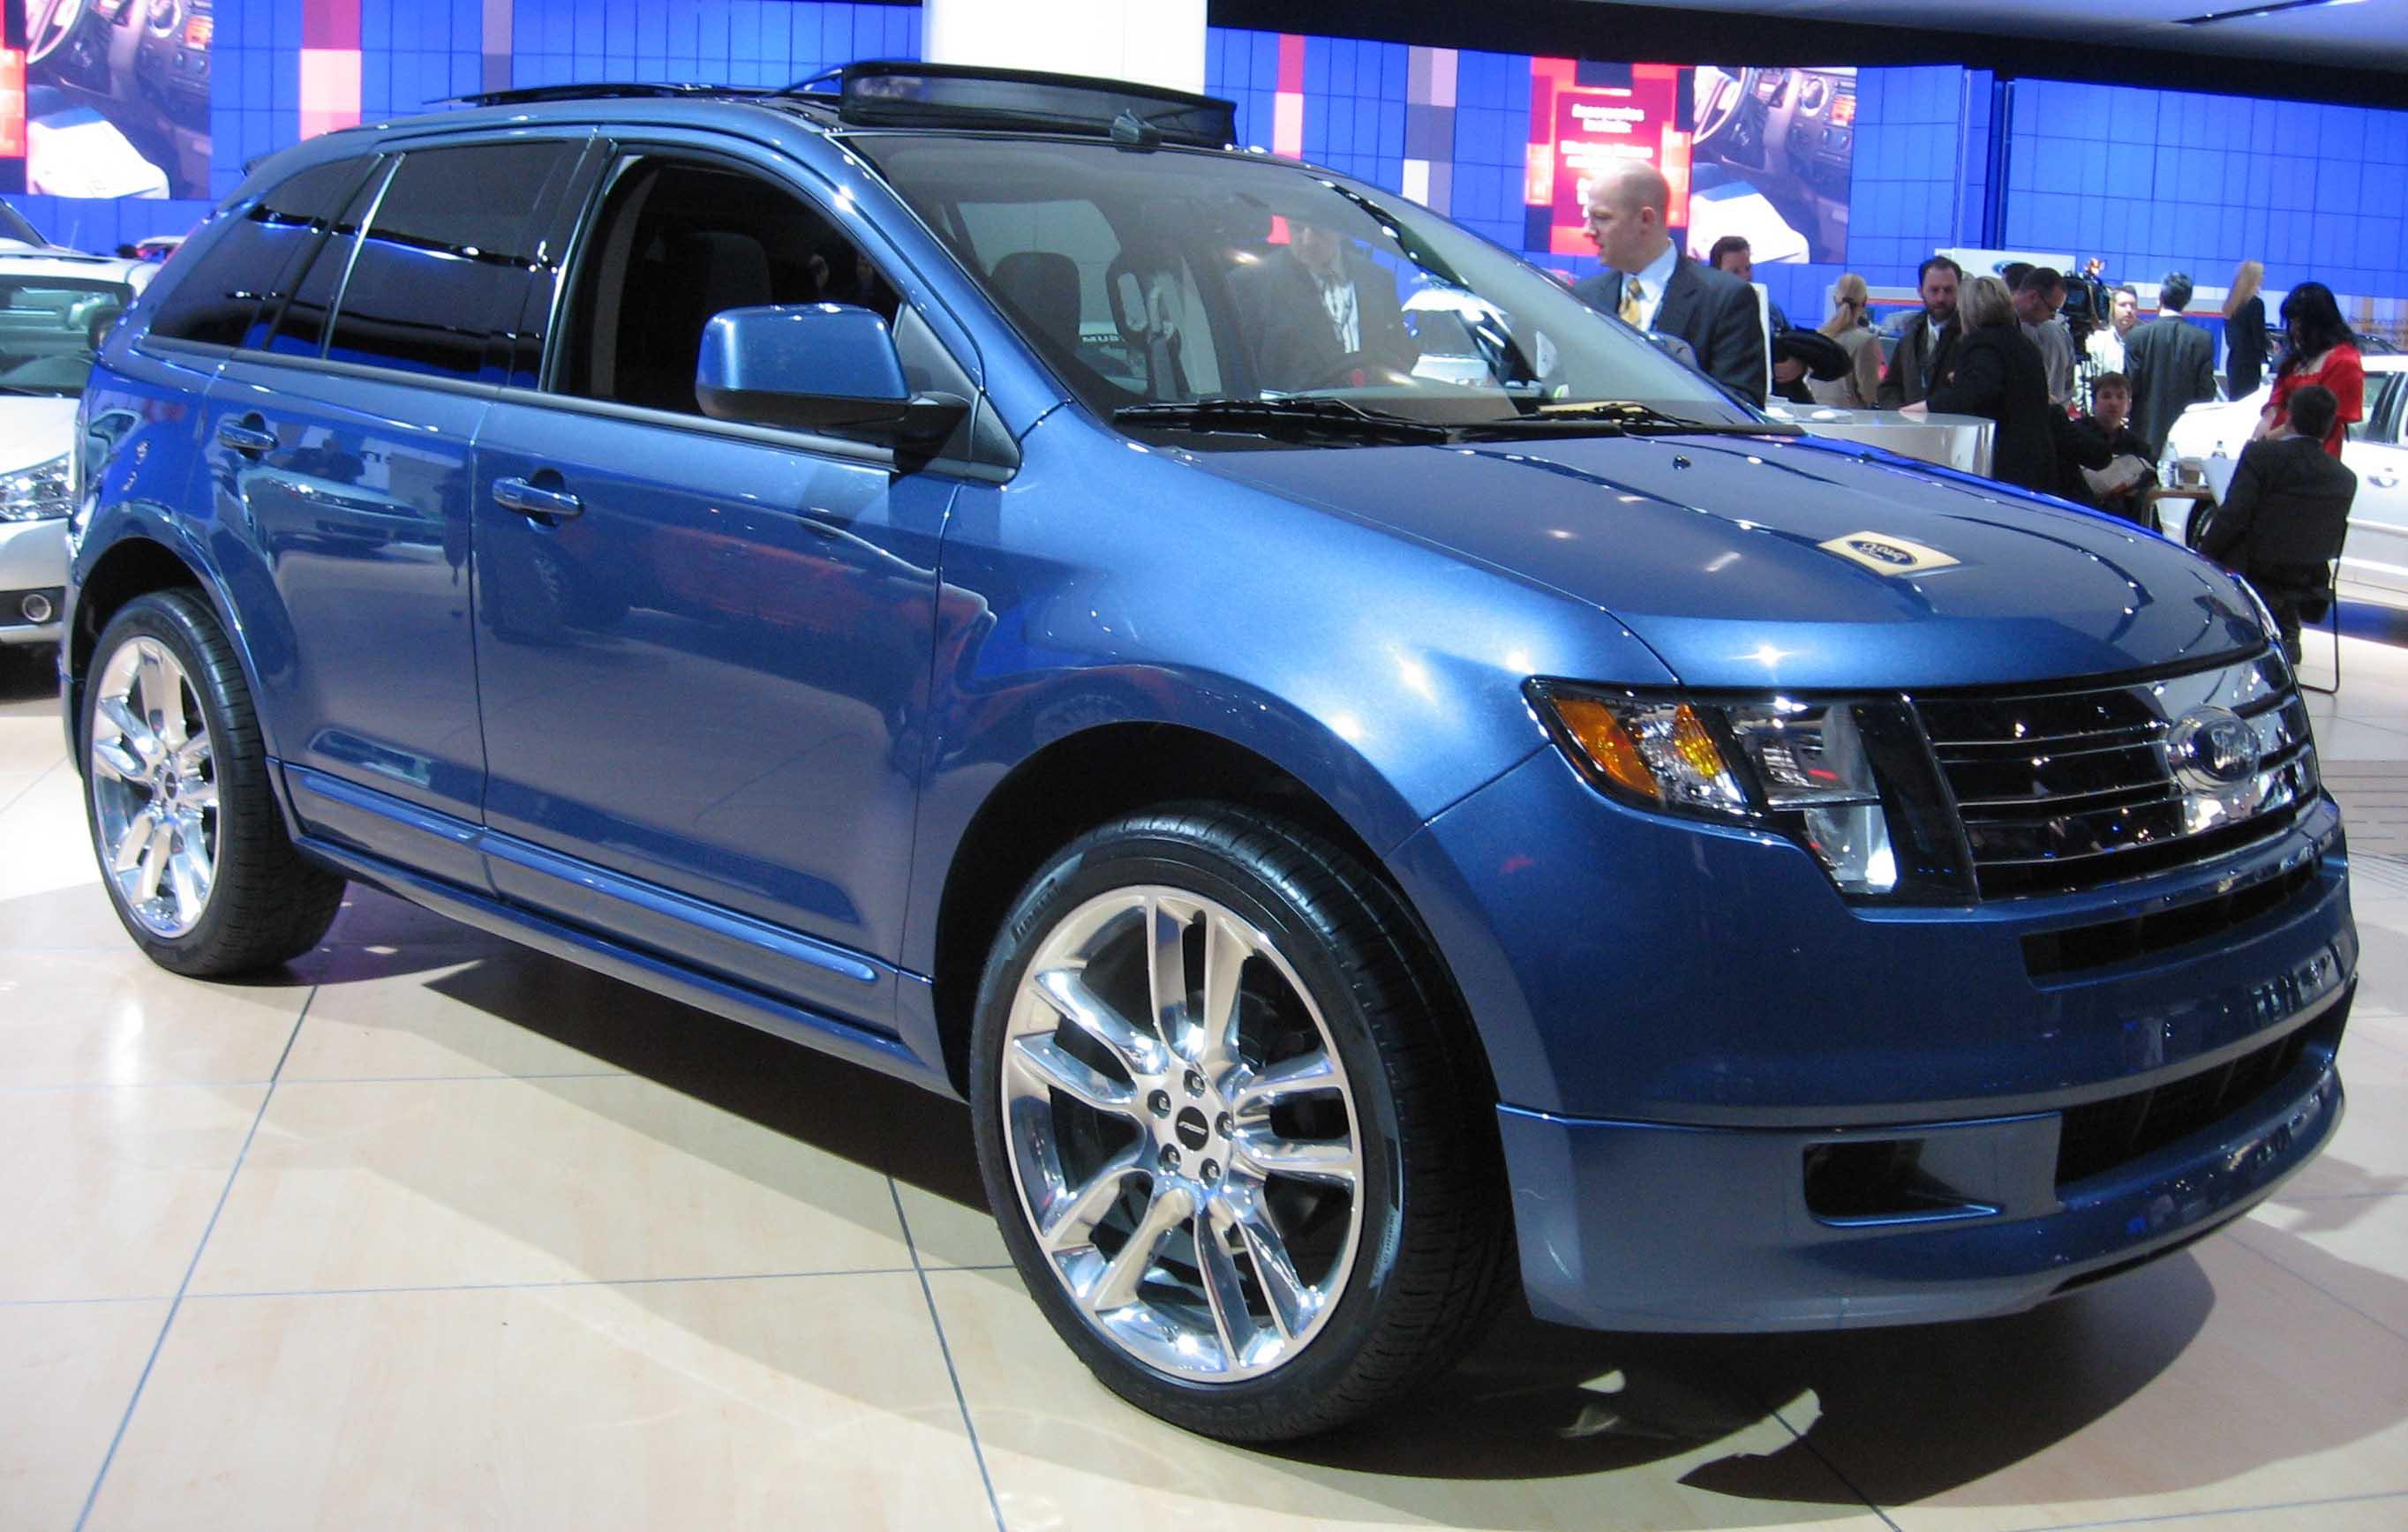 2008 Ford Edge #15 Ford Edge #15